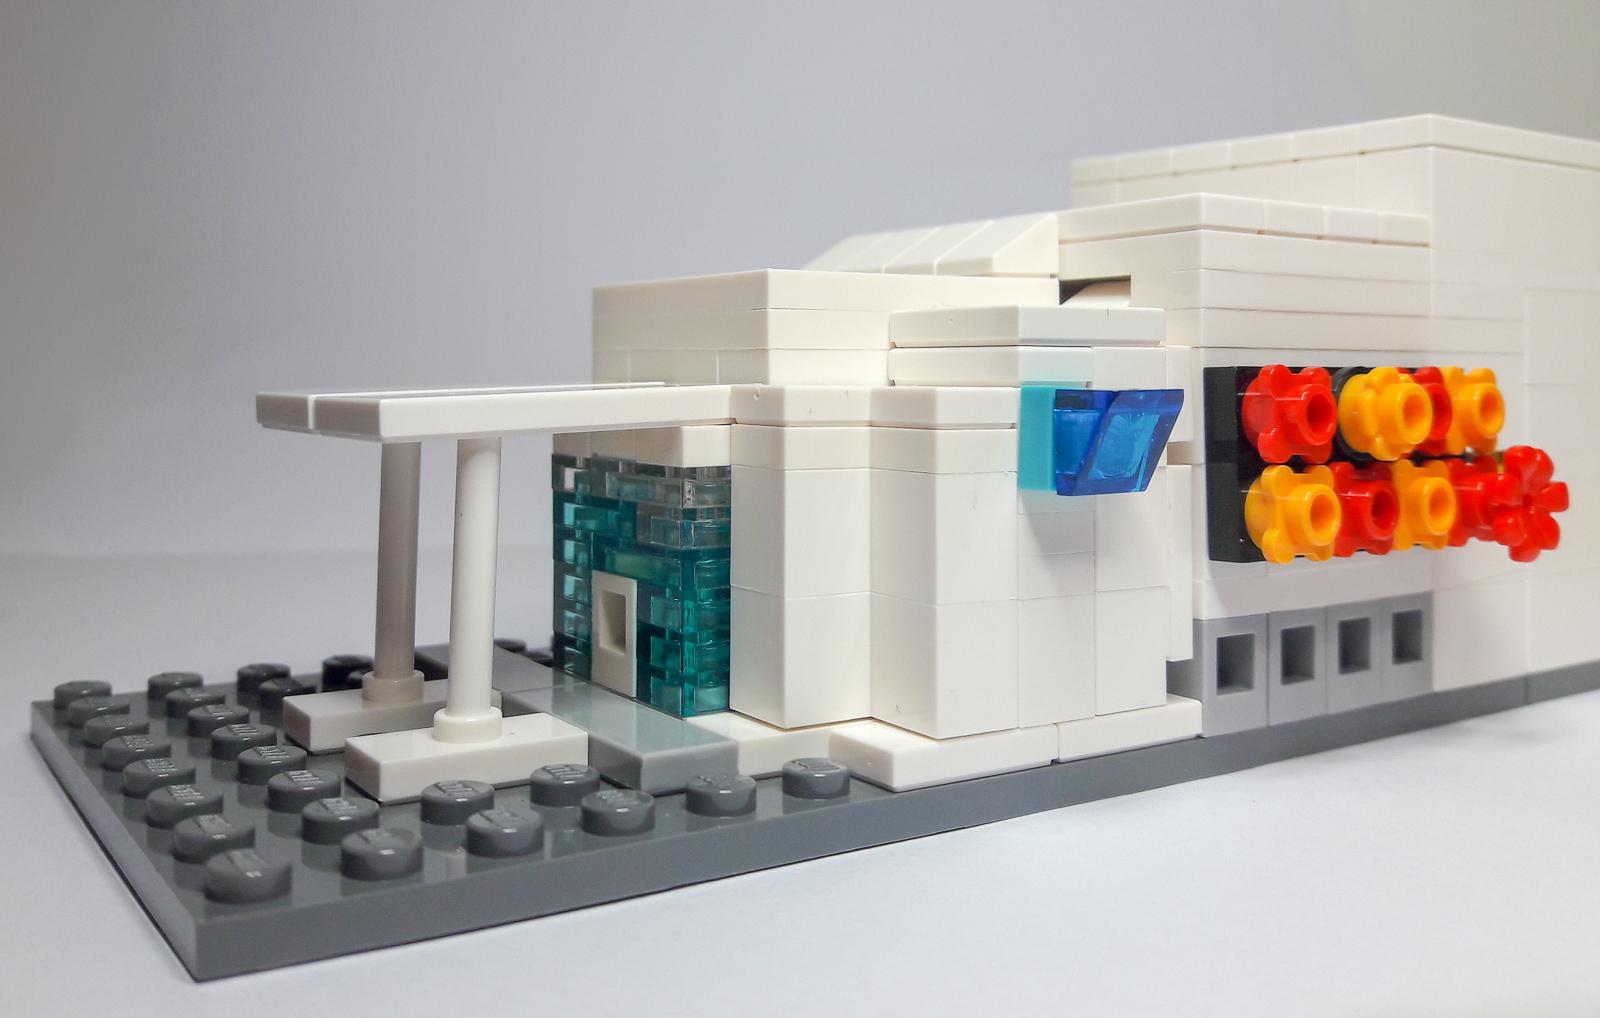 ᴛʀᴀᴠᴇʟ: LEGO Inspiration from Napier, an Art Deco City – BRICK ...